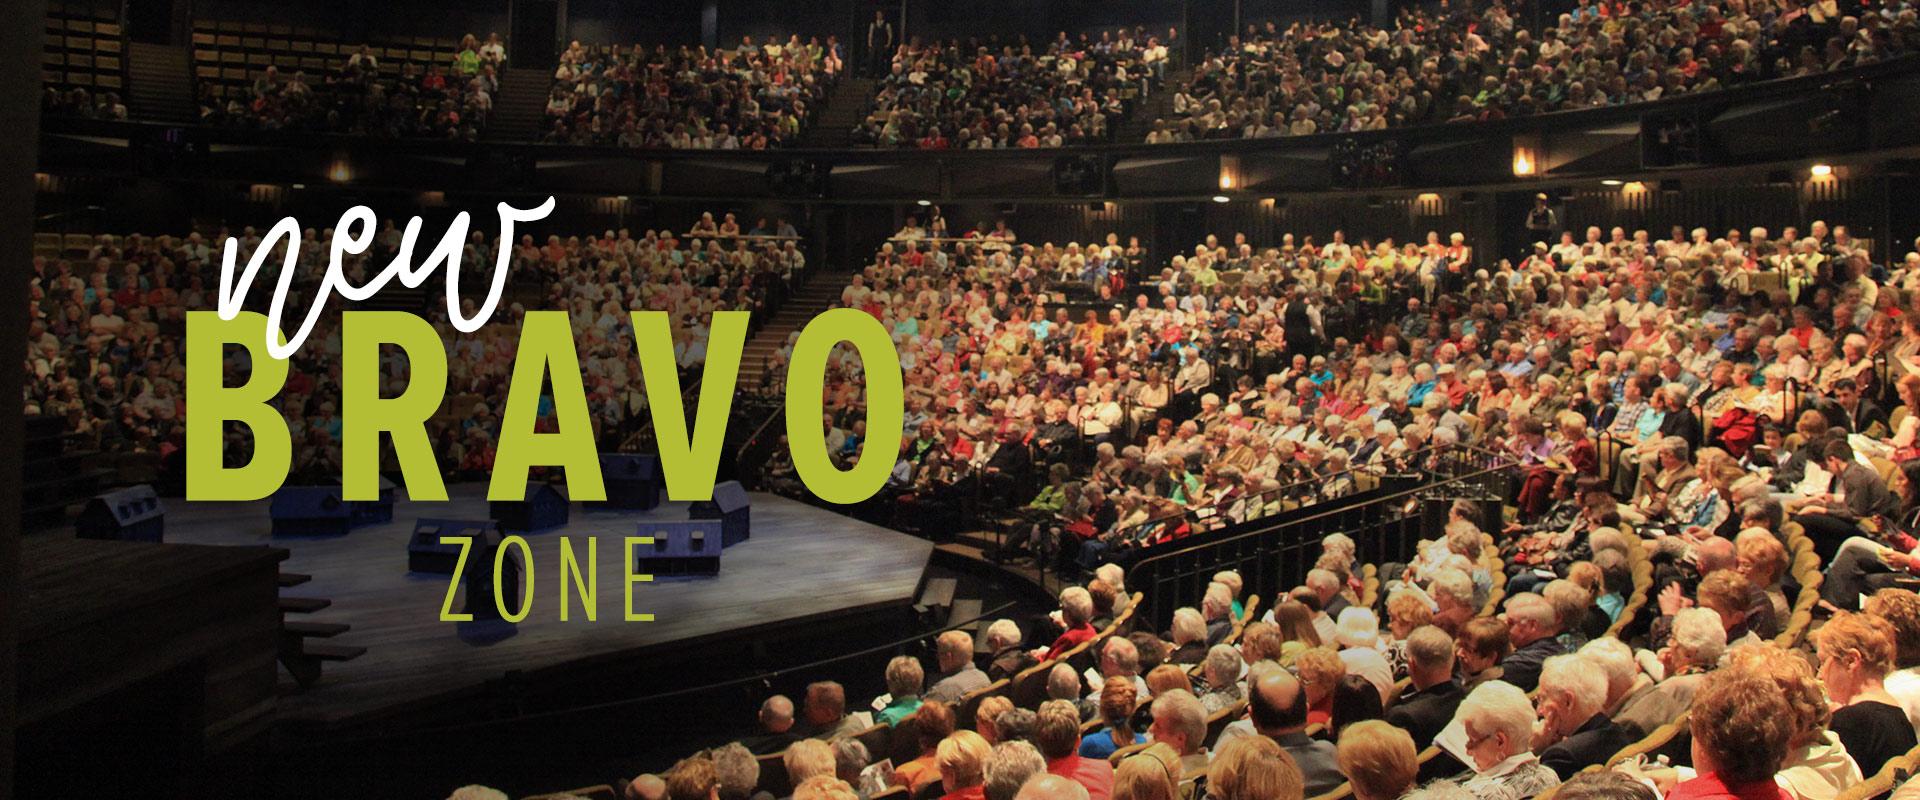 New Bravo Zone Seating